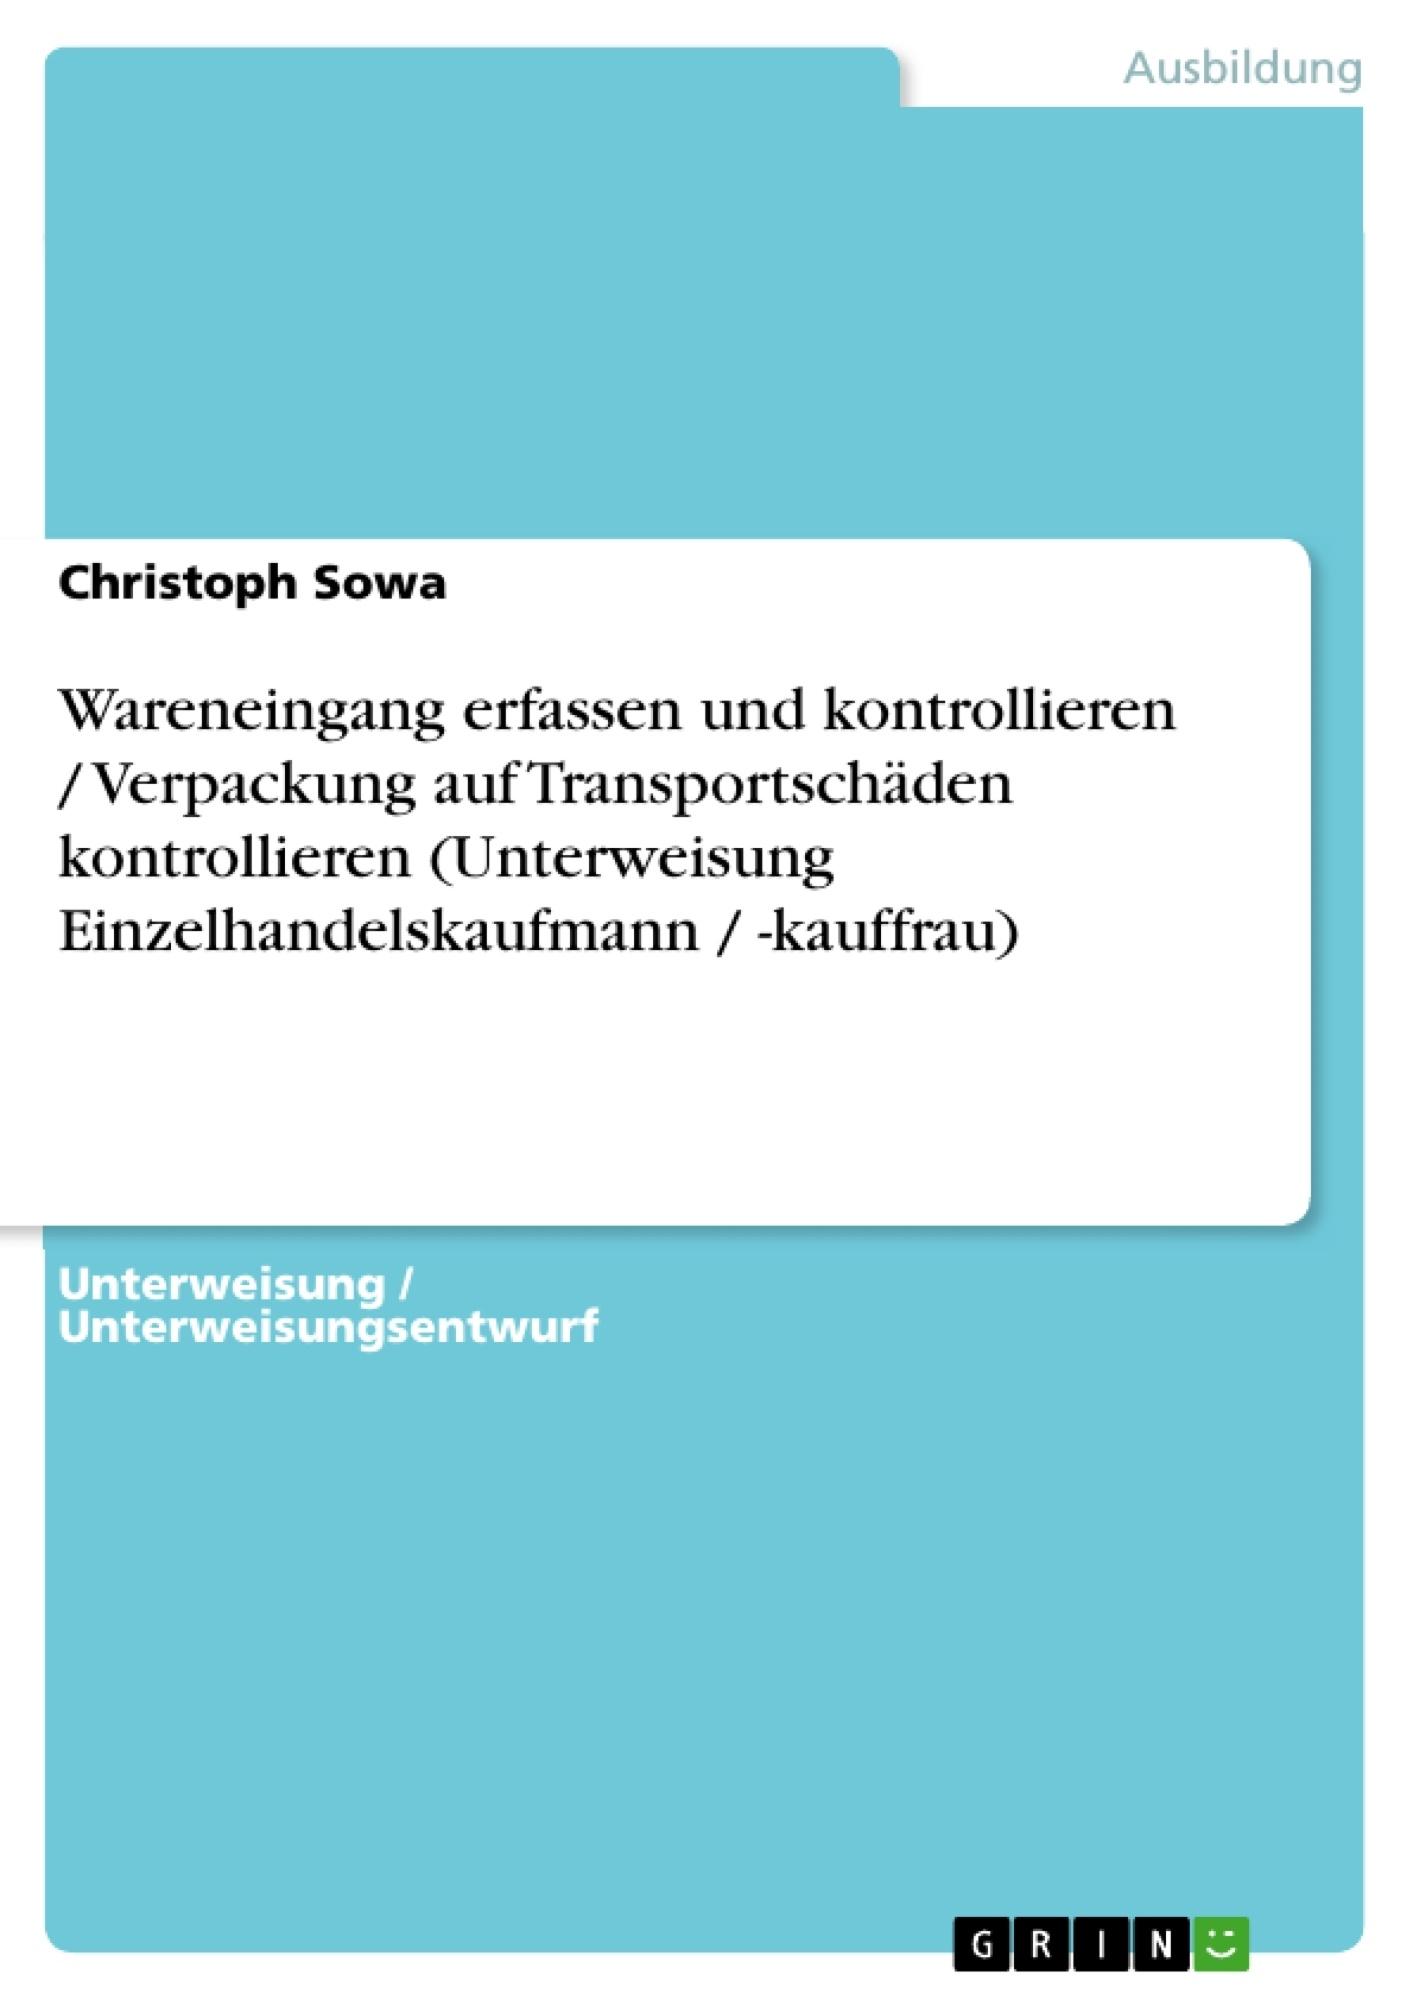 Titel: Wareneingang erfassen und kontrollieren / Verpackung auf Transportschäden kontrollieren (Unterweisung Einzelhandelskaufmann / -kauffrau)